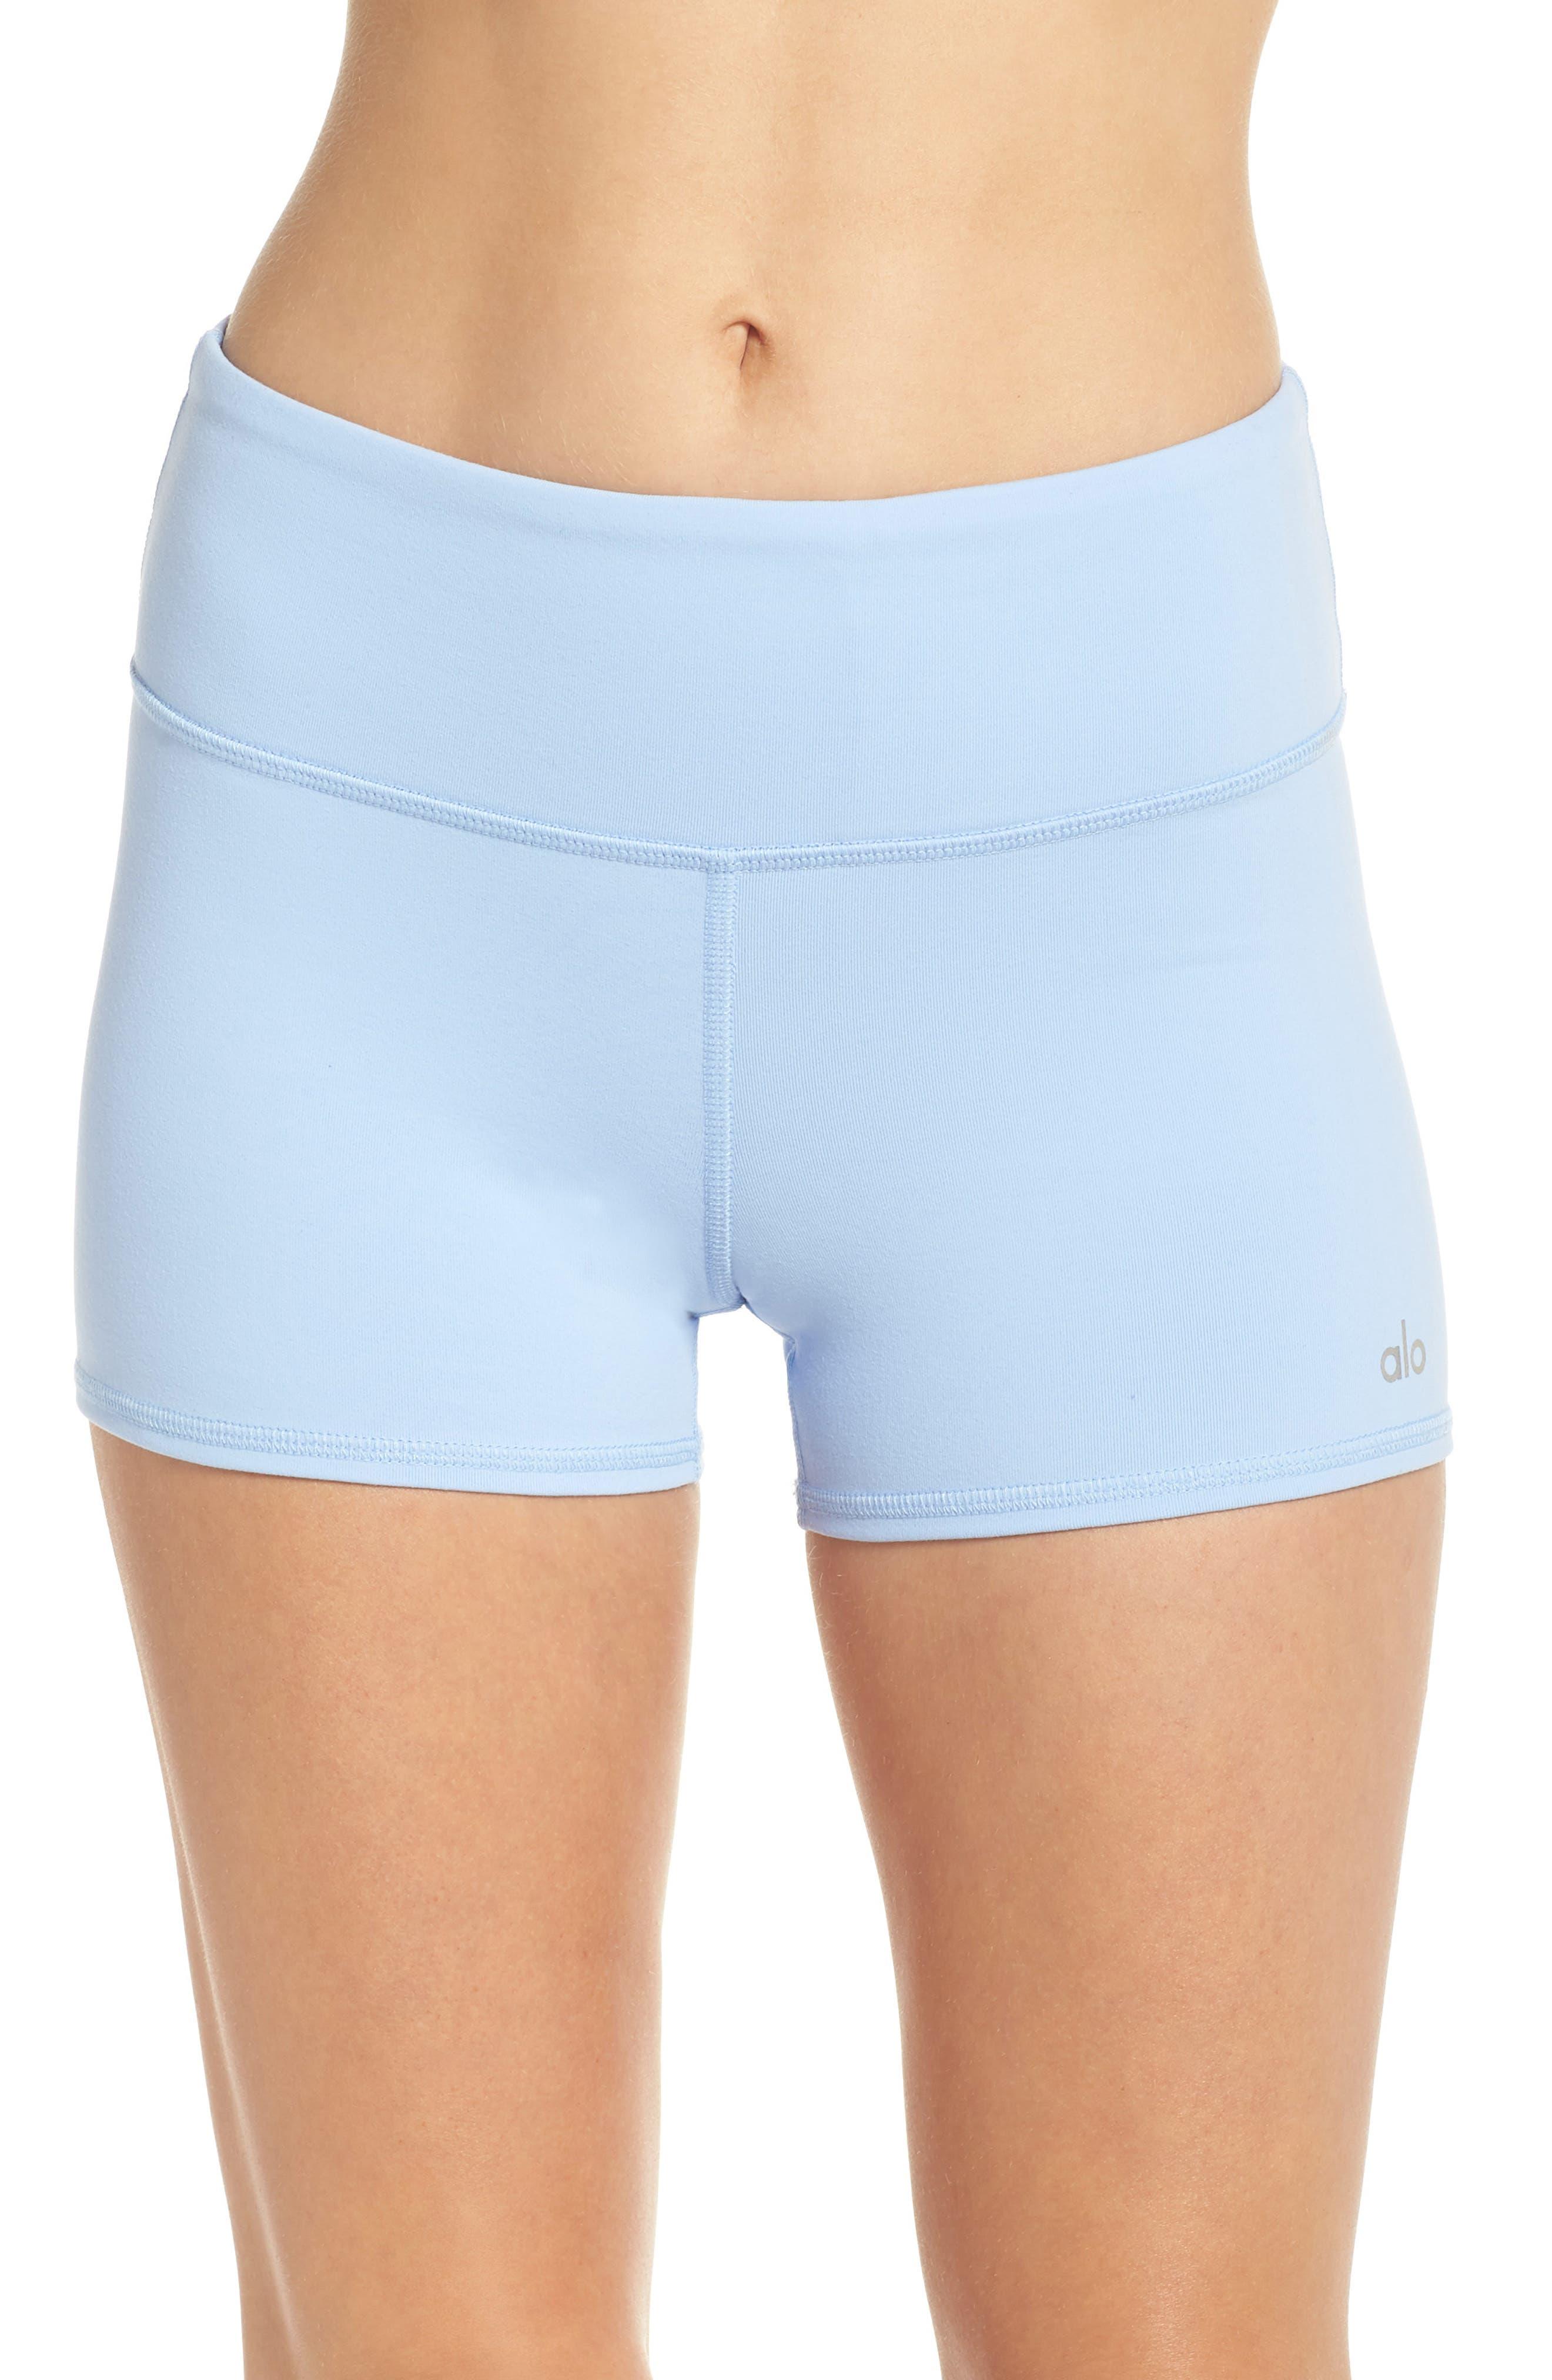 Airbrush Shorts,                             Main thumbnail 1, color,                             Blue